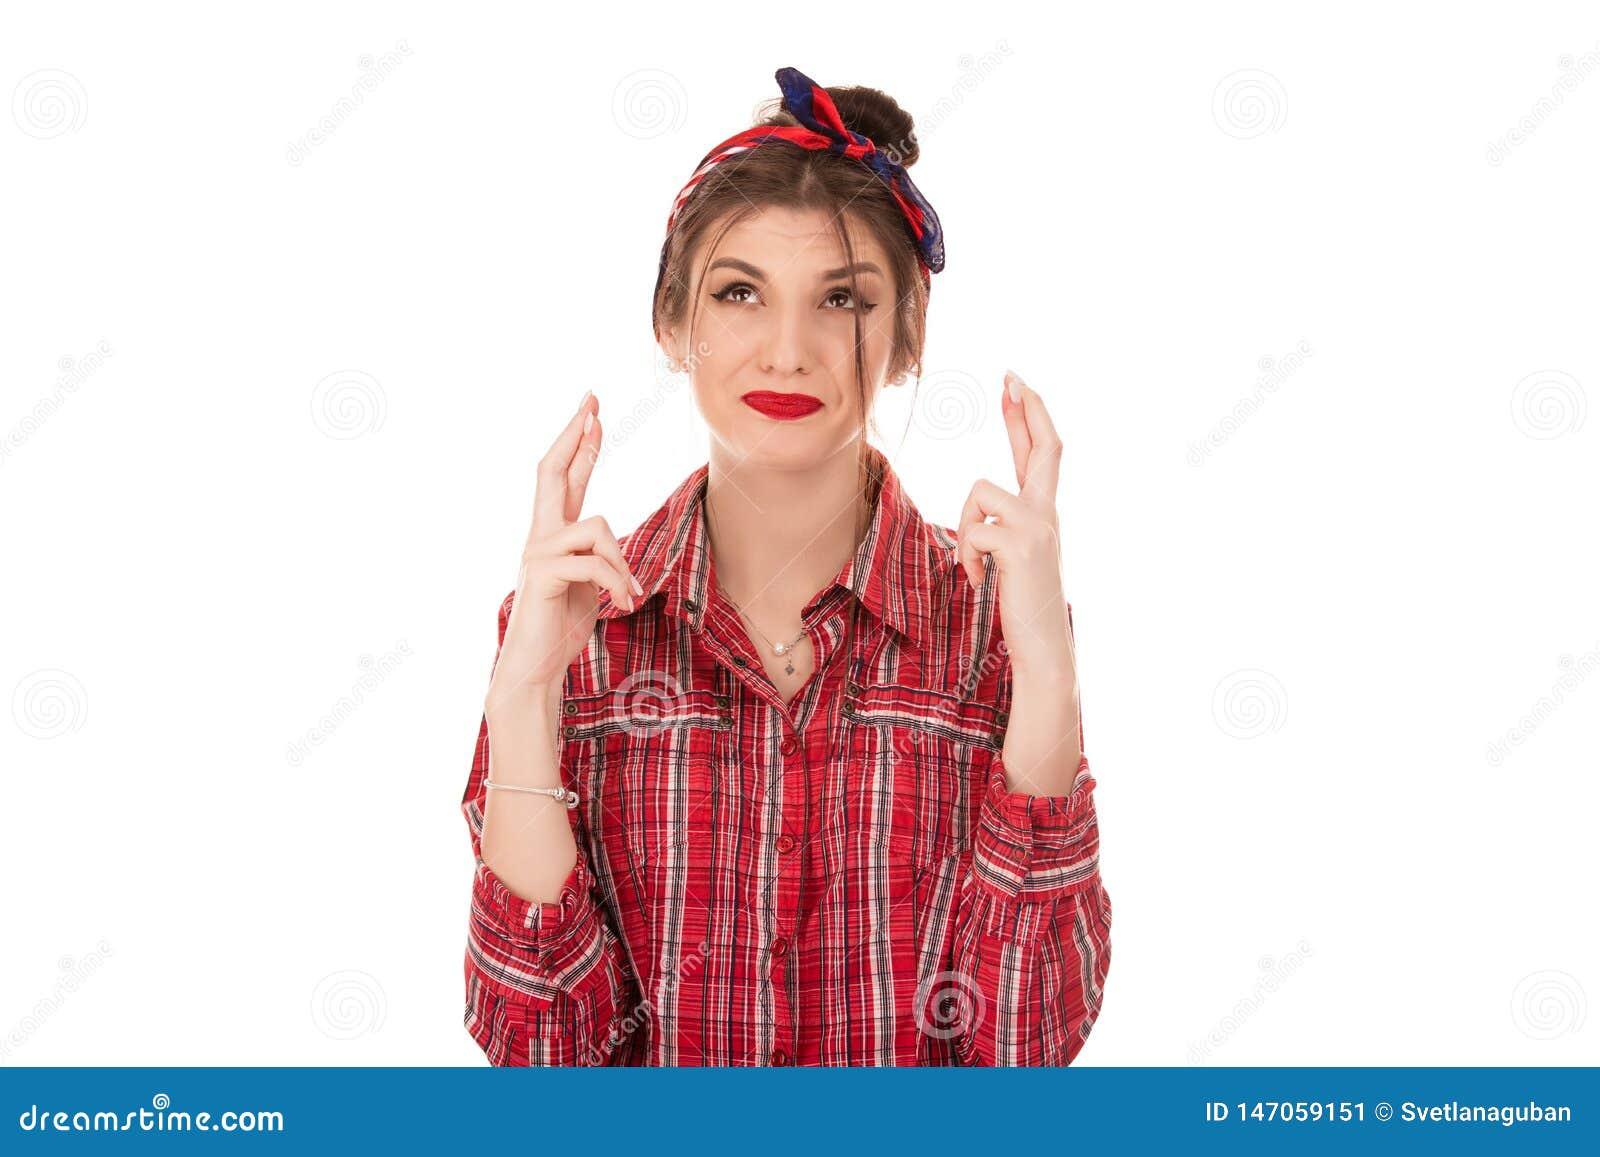 De vrouw enthousiast om de concurrentie te winnen, houdt vingers gekruist zoals wacht op resultaten